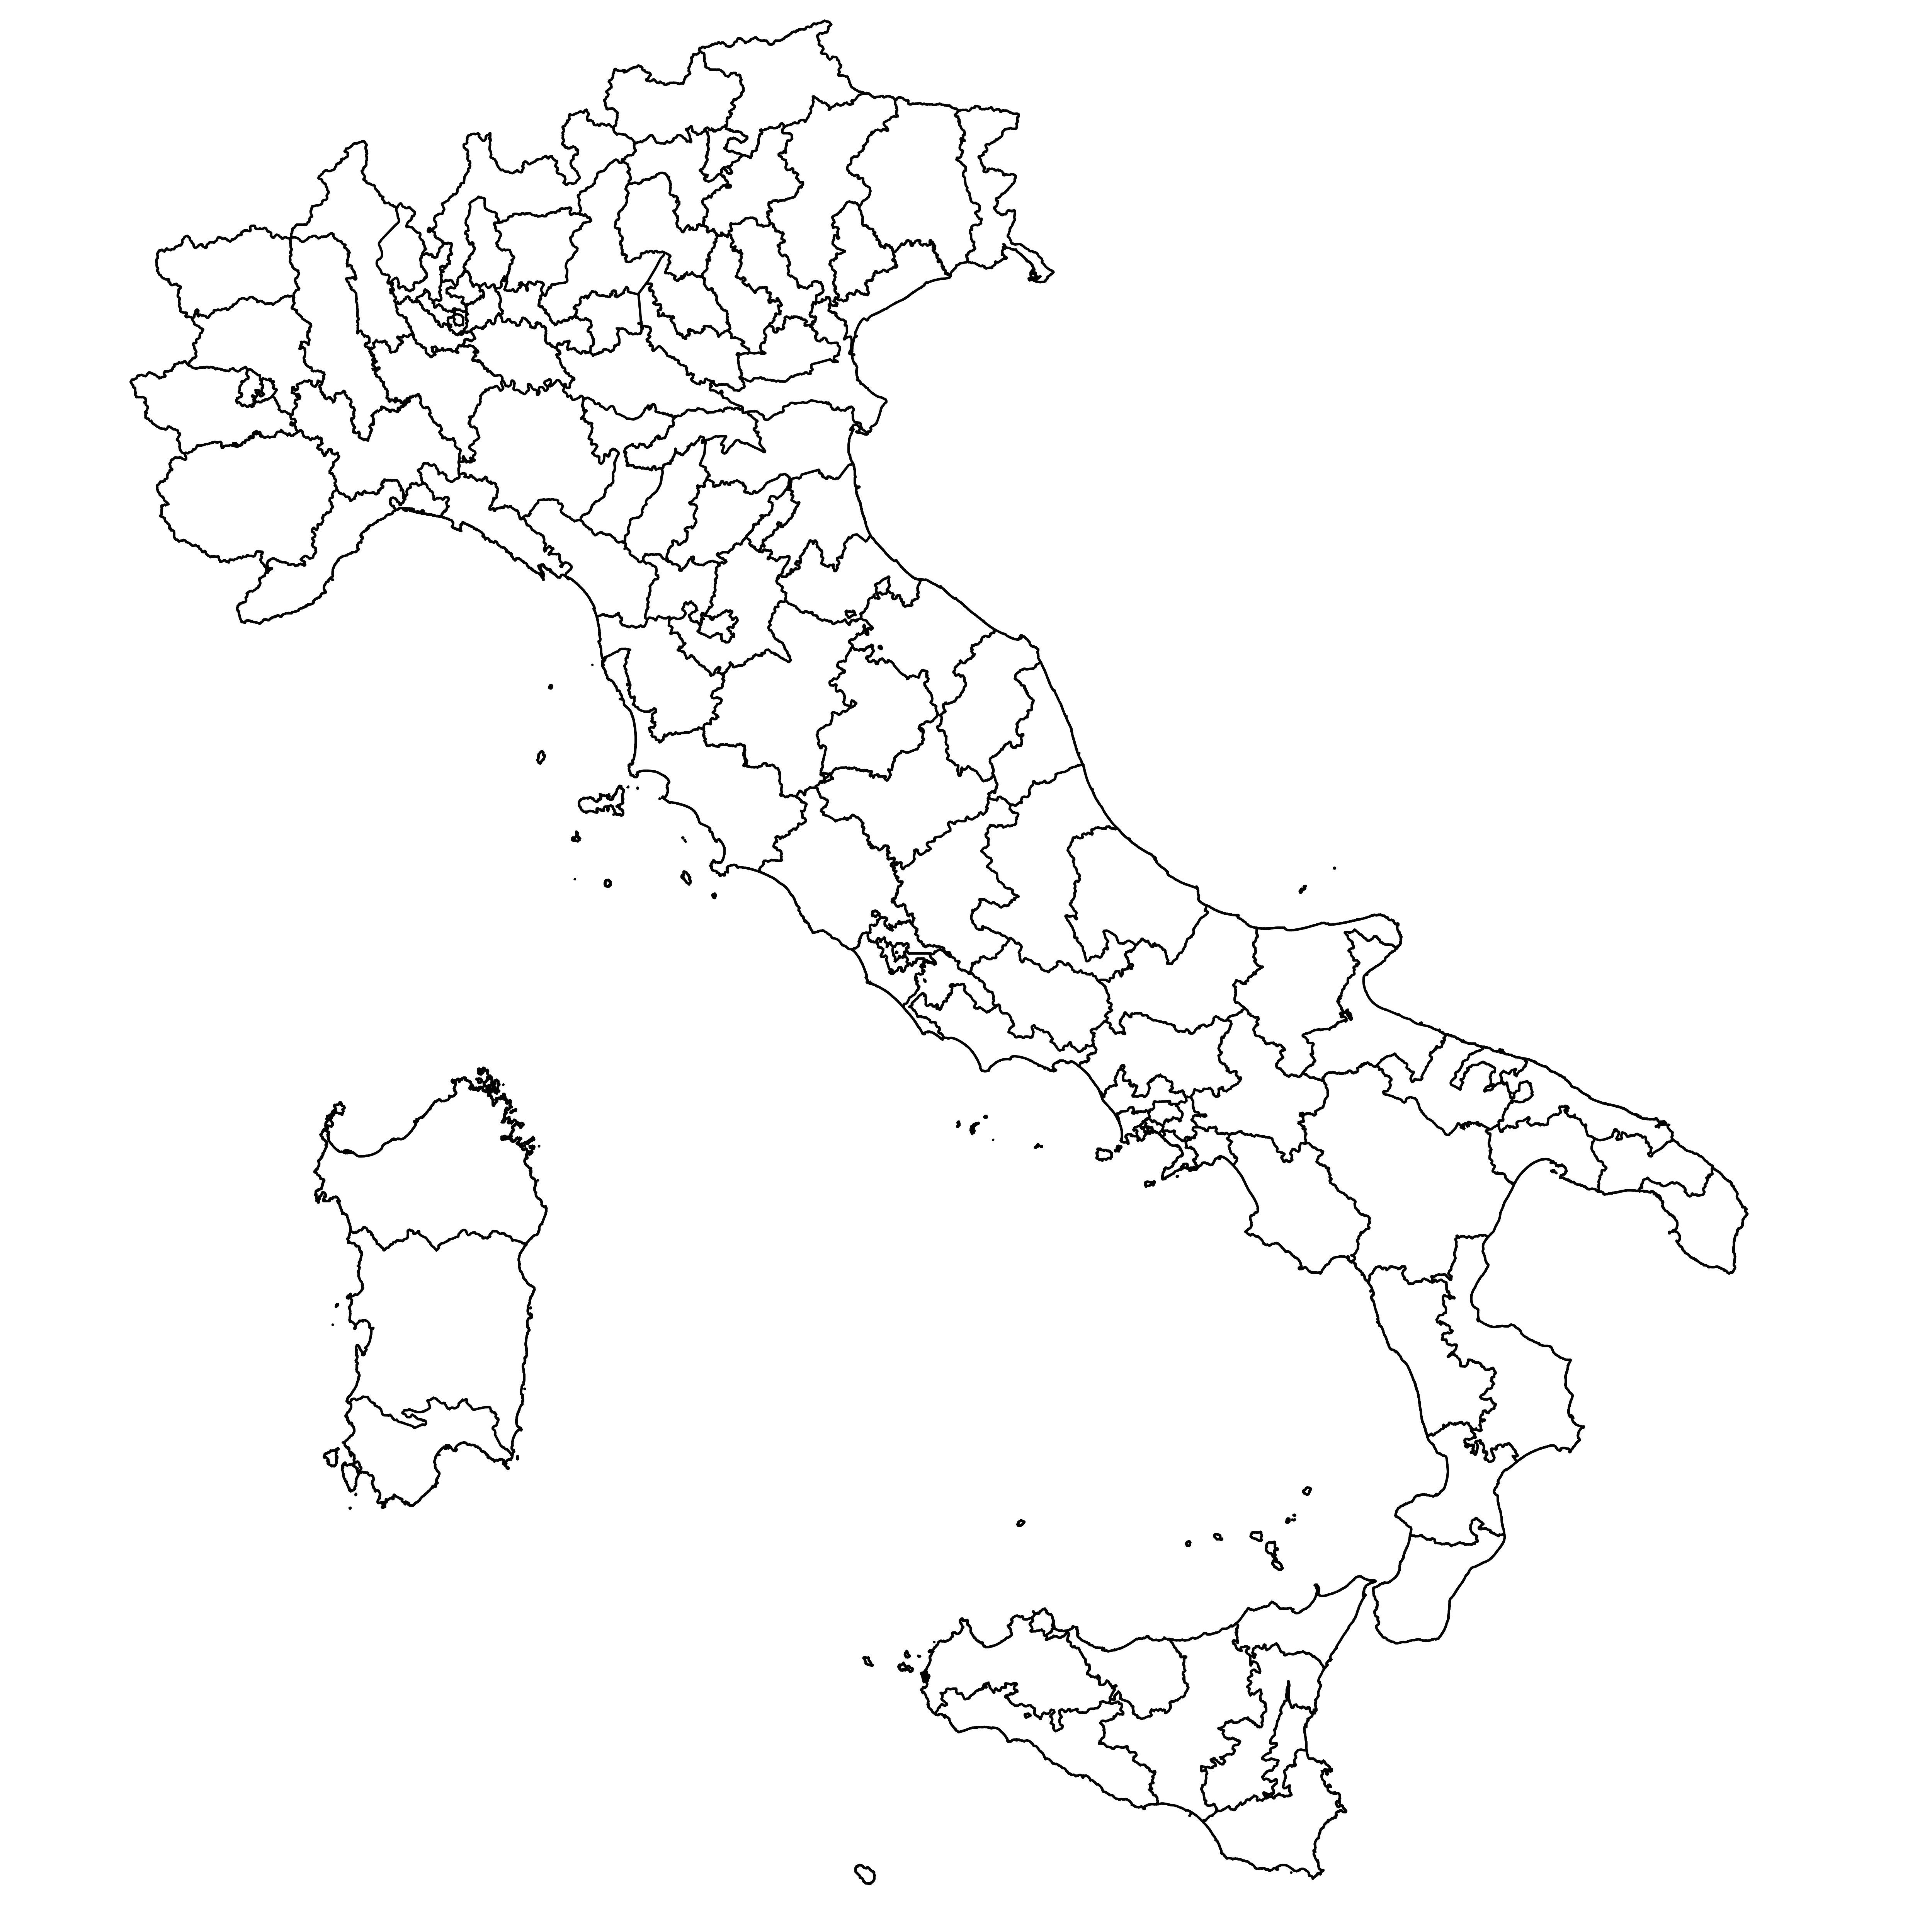 collegi senato definitivi Rosatellum: ecco i collegi DEFINITIVI (finalmente)